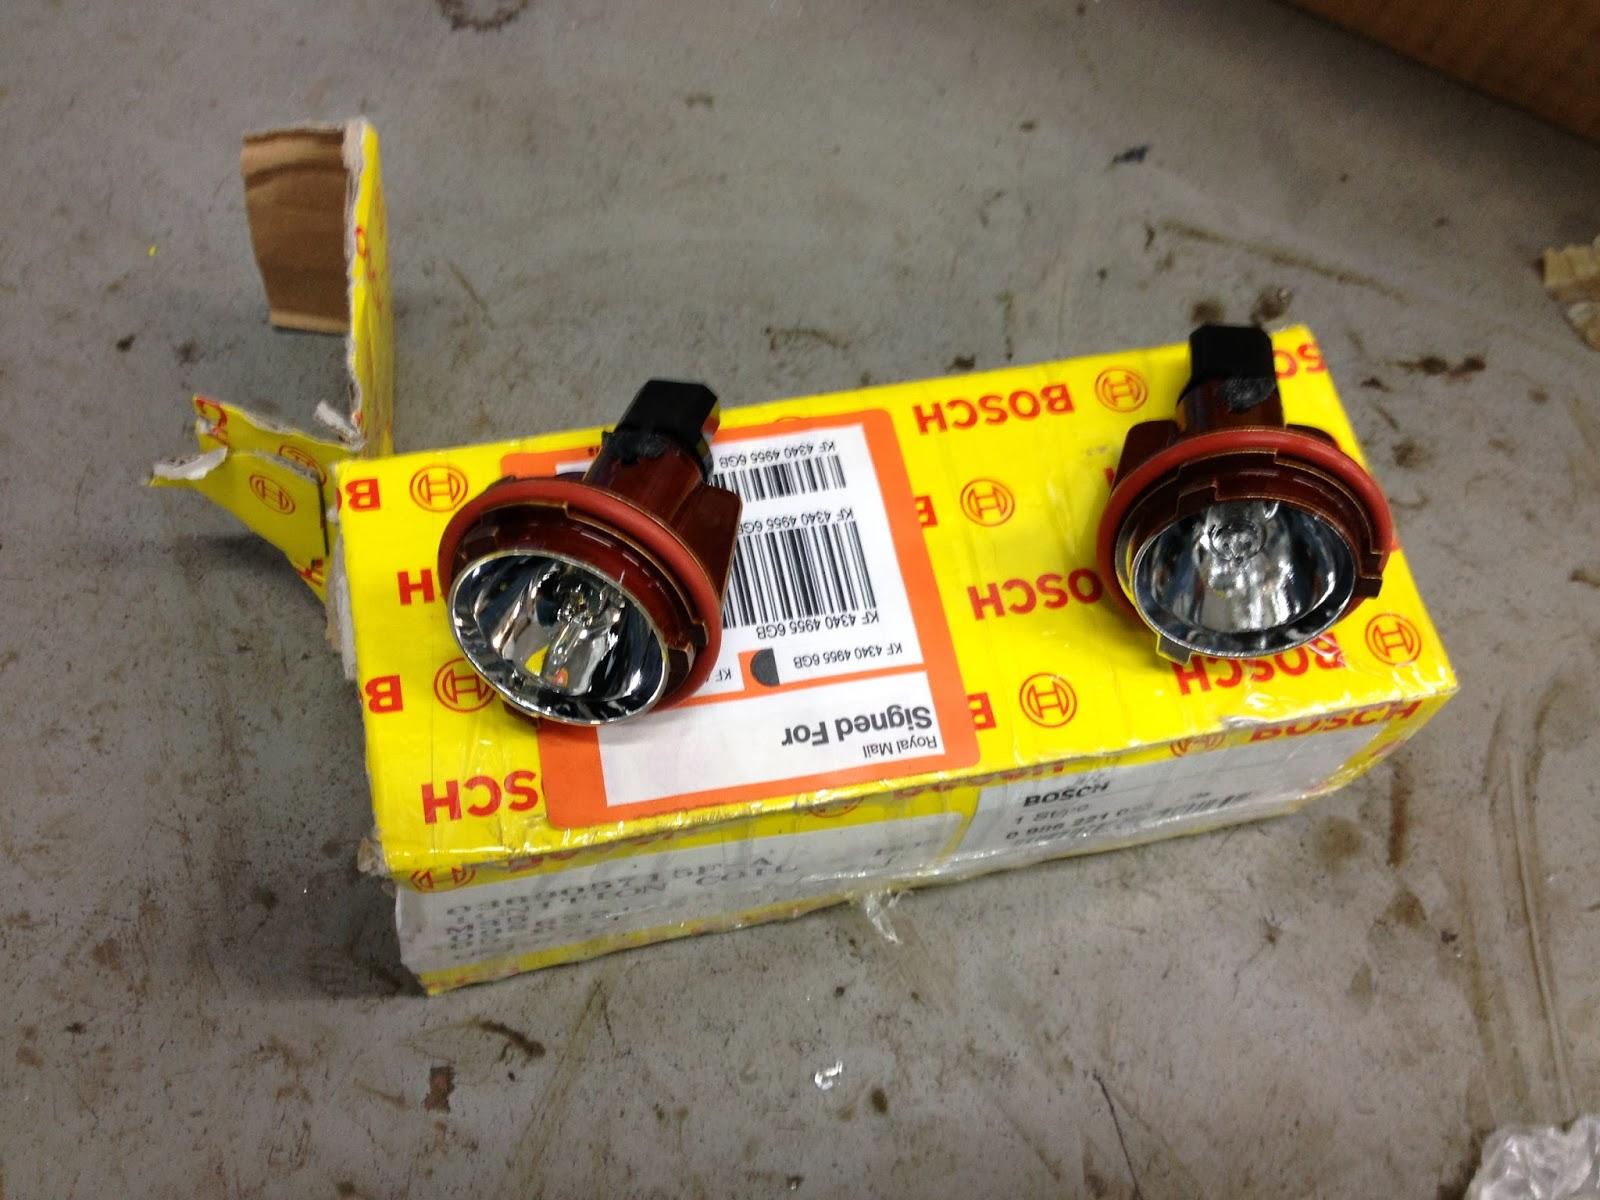 Beemer Lab E60 First Fault Parking Light Bulb